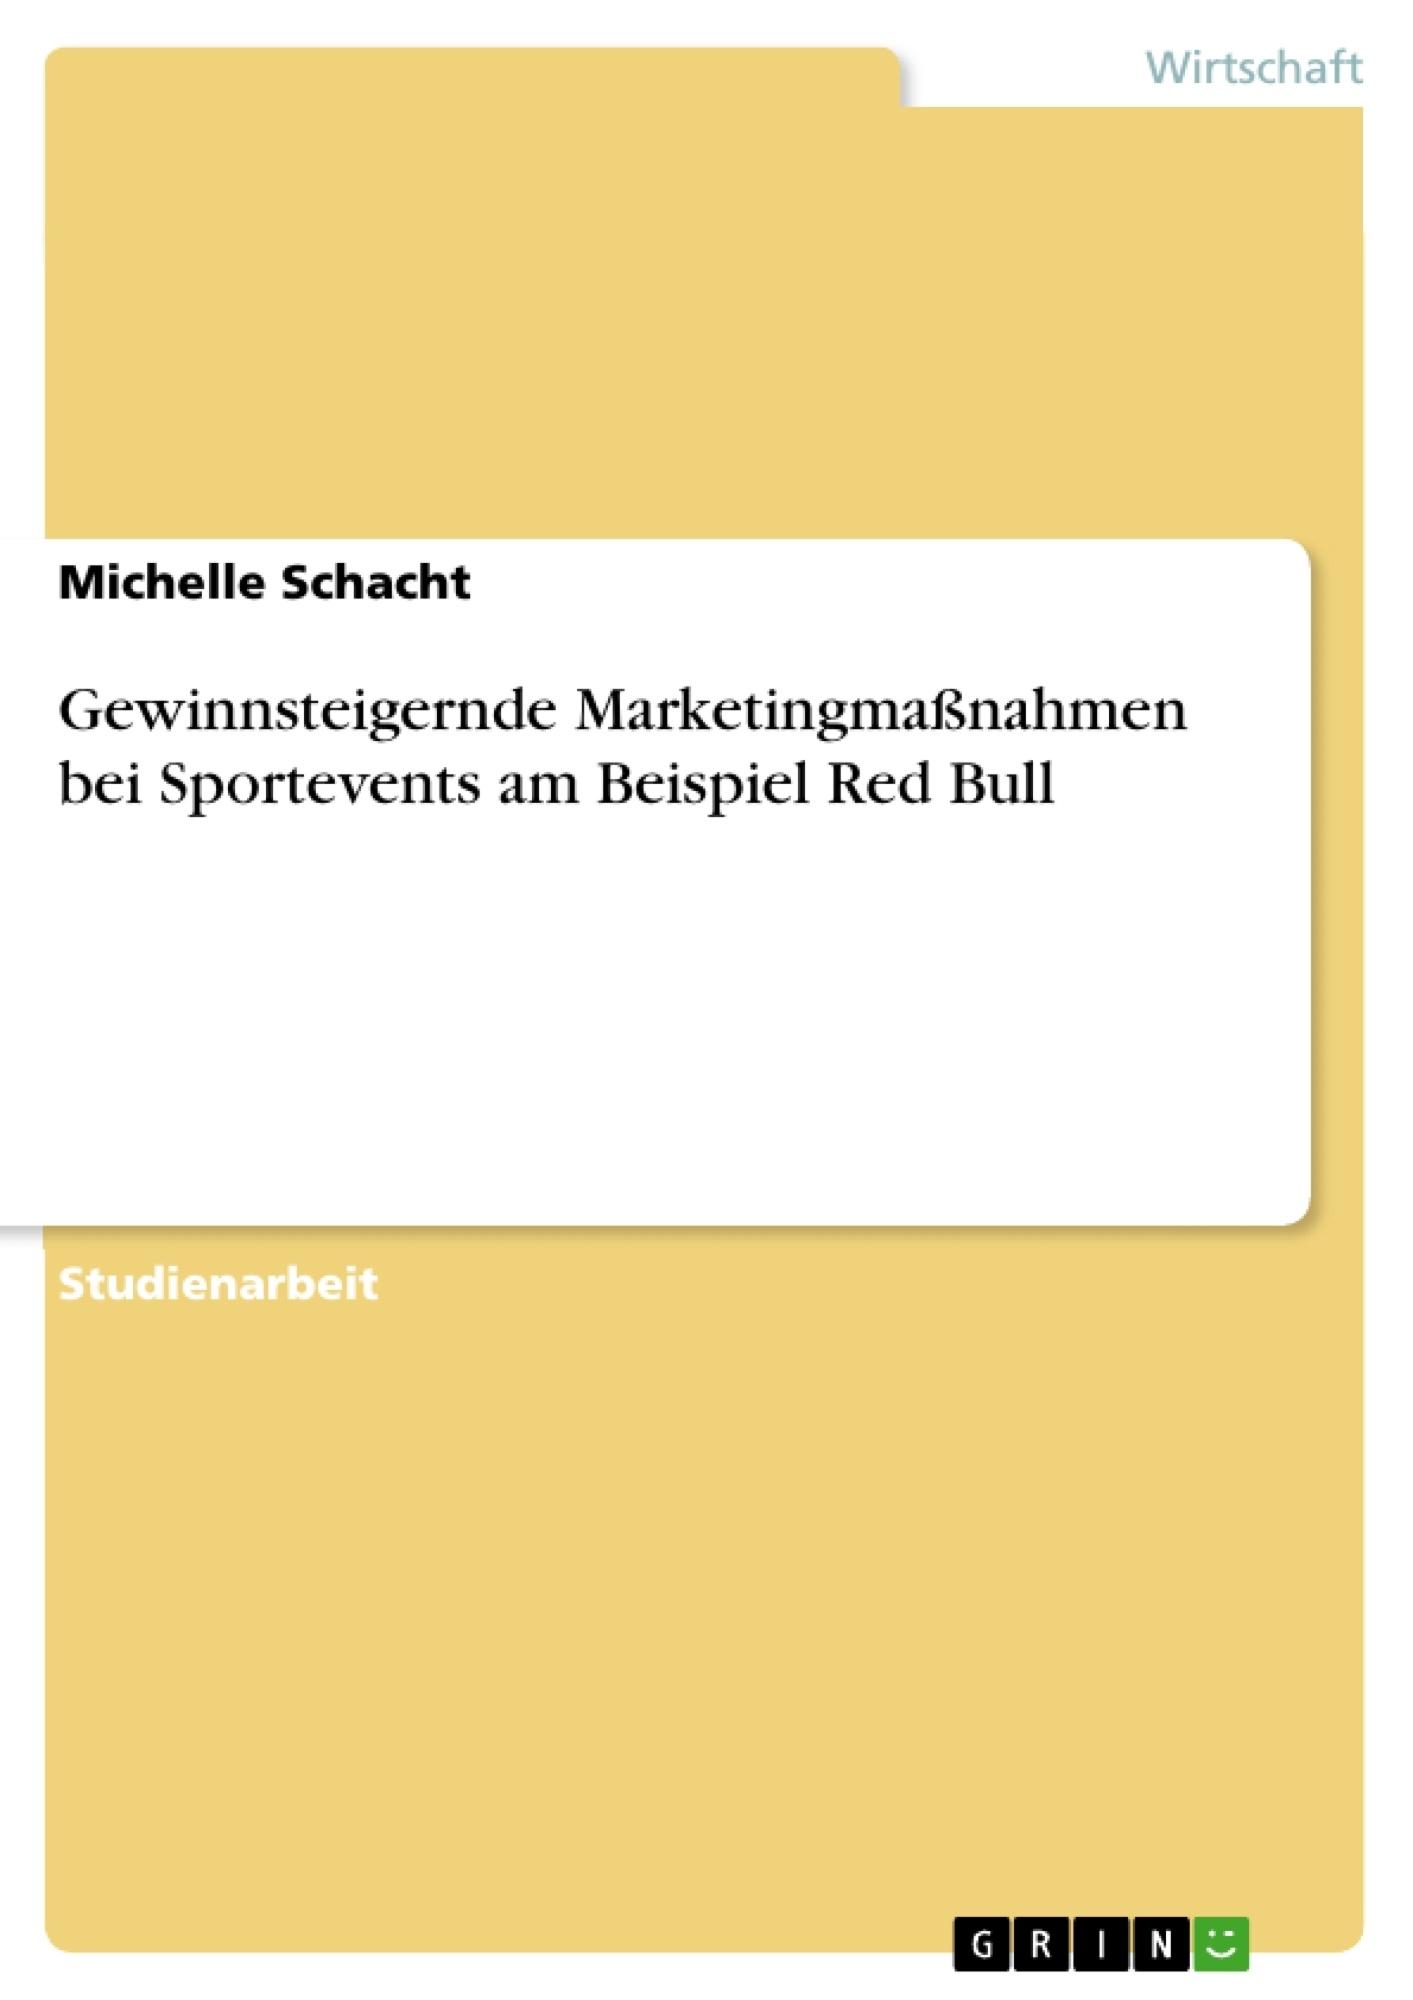 Titel: Gewinnsteigernde Marketingmaßnahmen bei Sportevents am Beispiel Red Bull